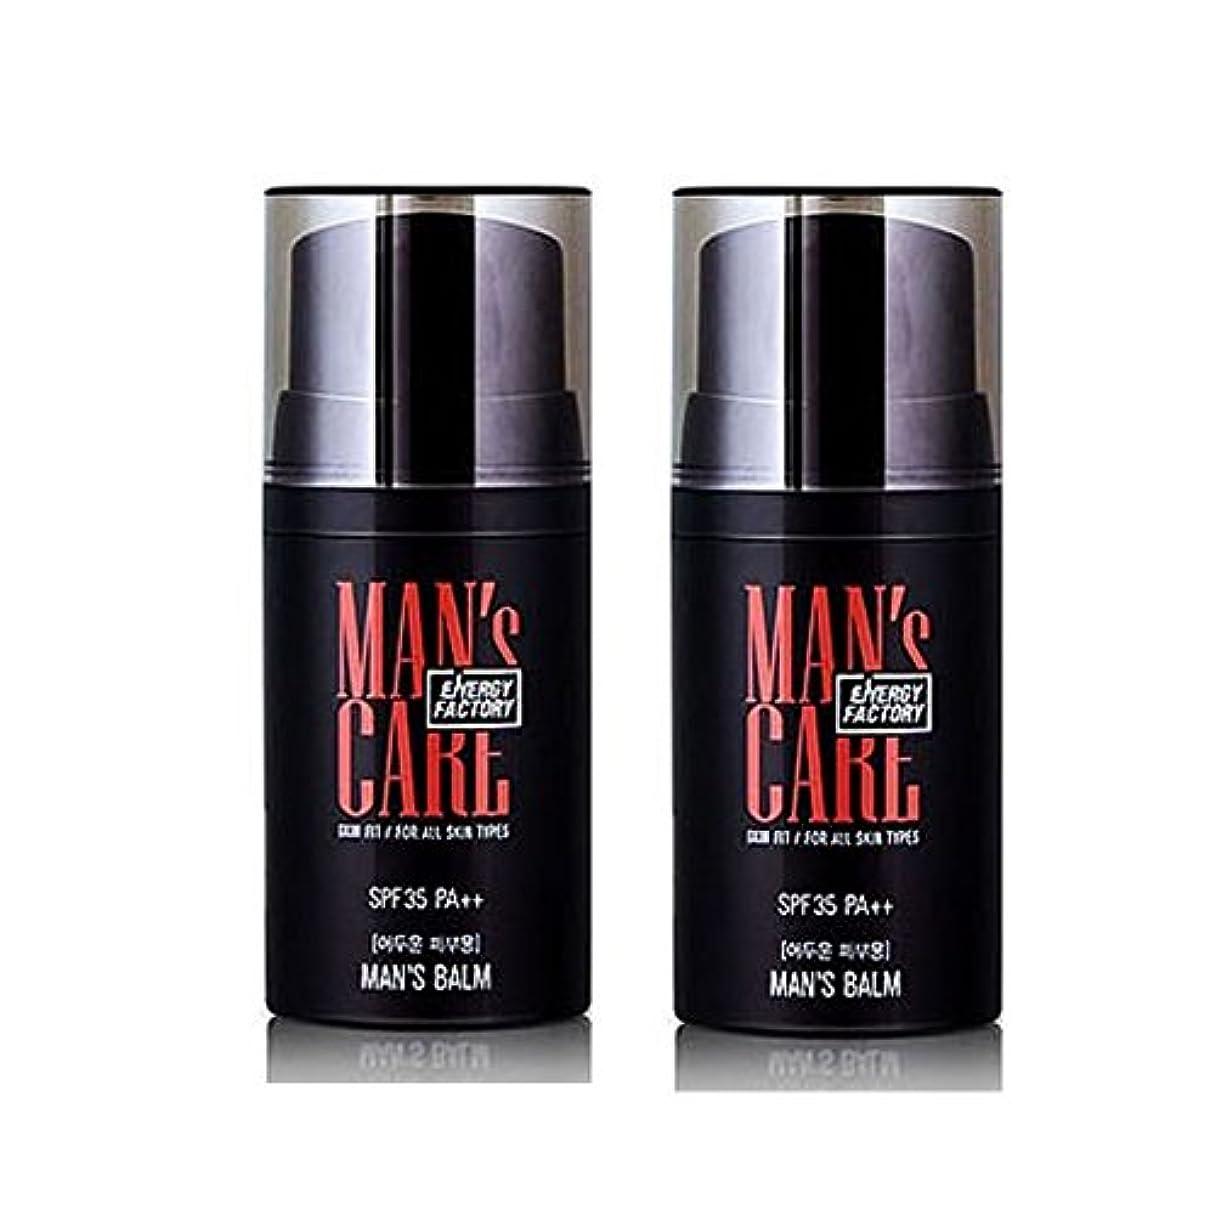 見る韓国後継メンズケアエネルギーファクトリースキンフィット?マンズ?Balm 50ml x 2本セット(明るい肌用、暗い肌用) メンズコスメ、Man's Care Energy Factory Skin Fit Man's Balm...